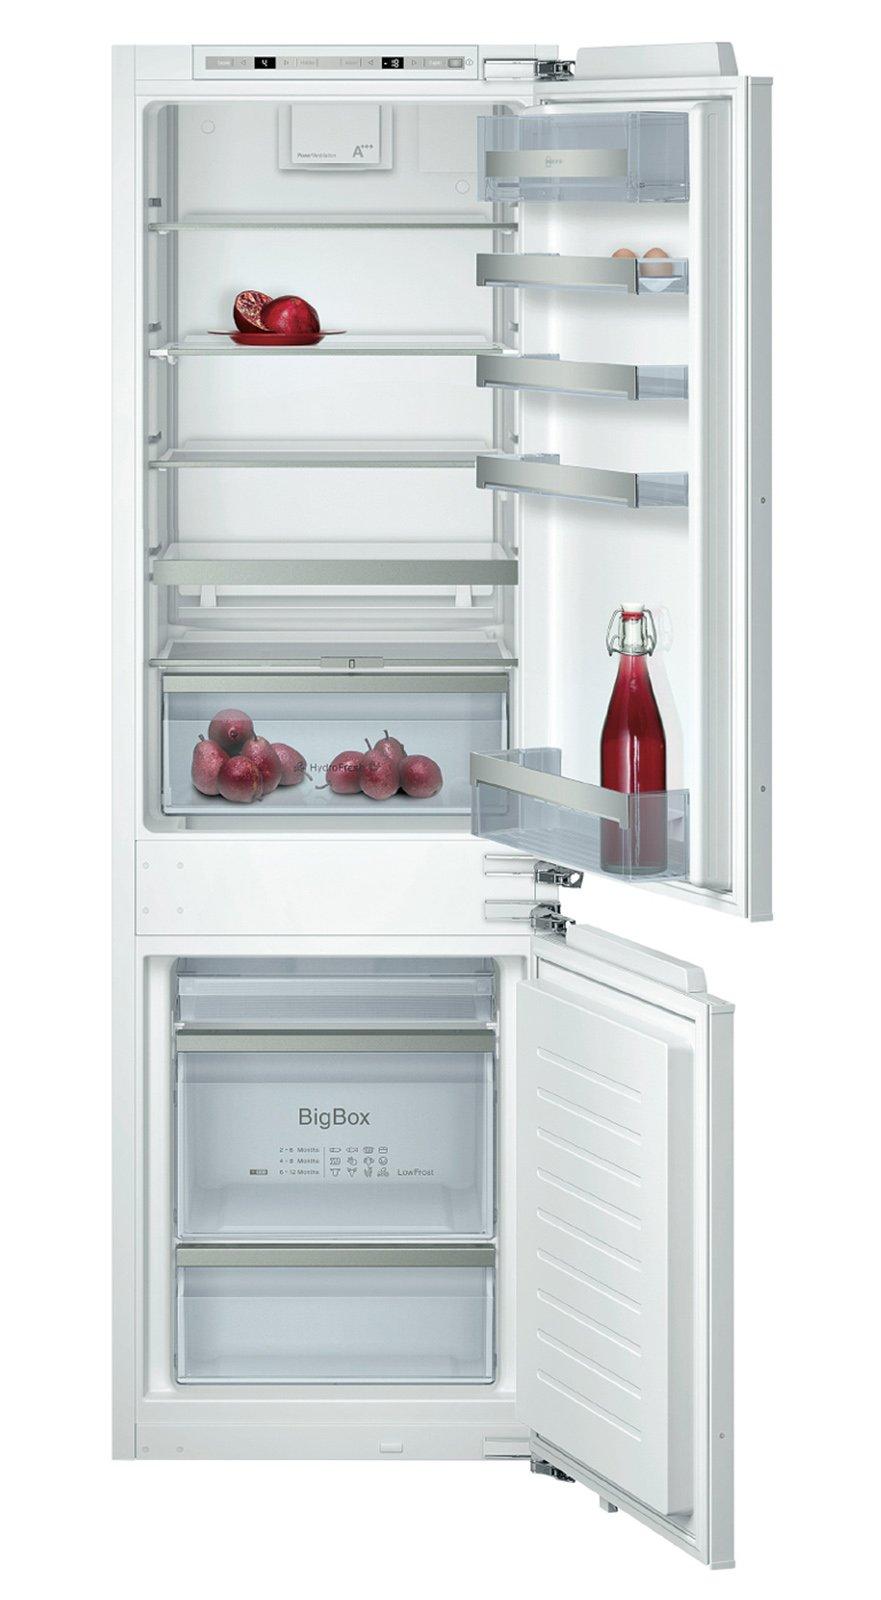 Frigoriferi con scomparti e temperature per i diversi alimenti cose di casa - Temperatura frigo casa ...